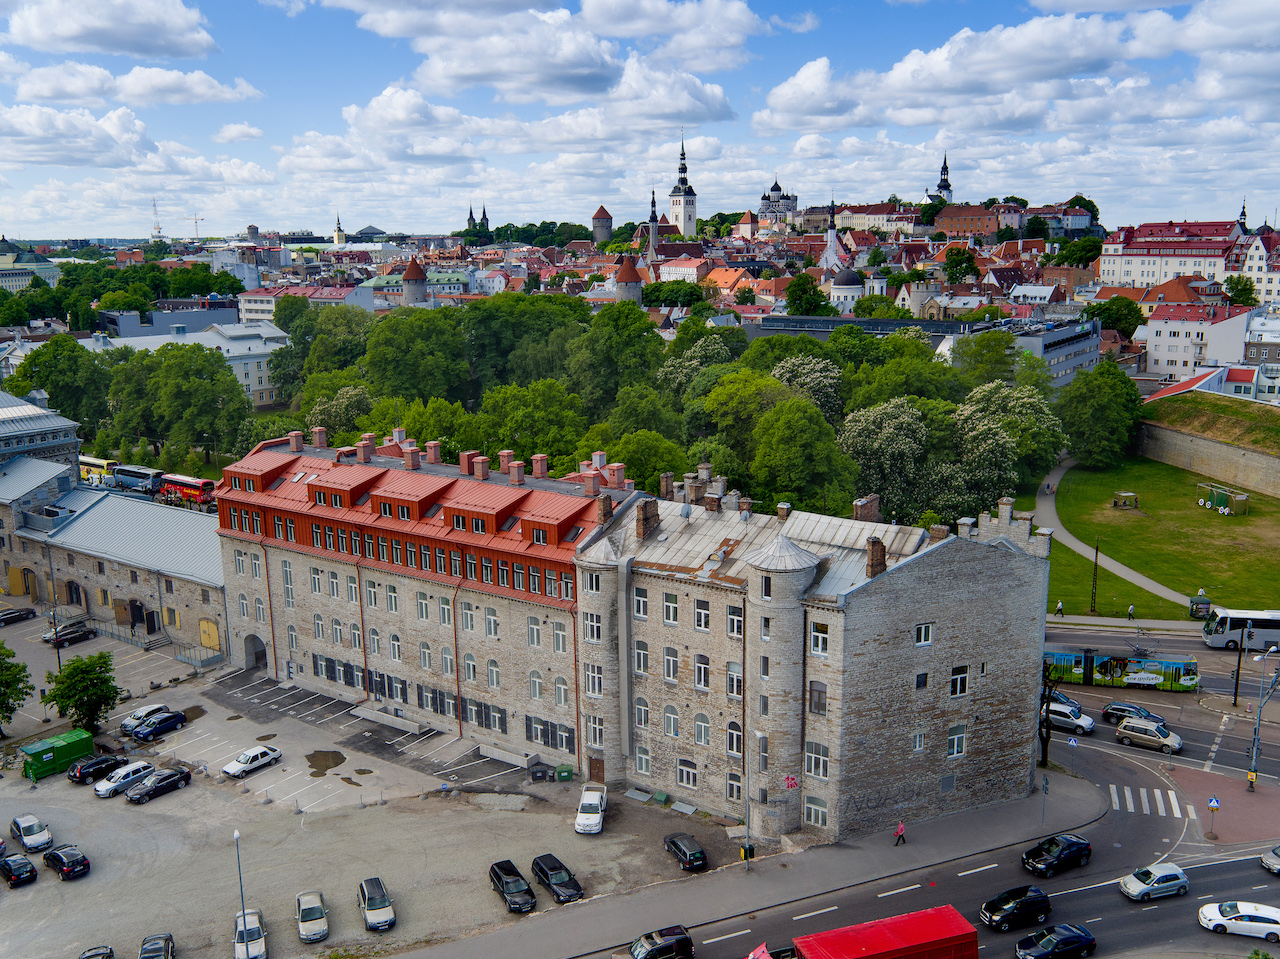 Angleterre apartments Tallinn